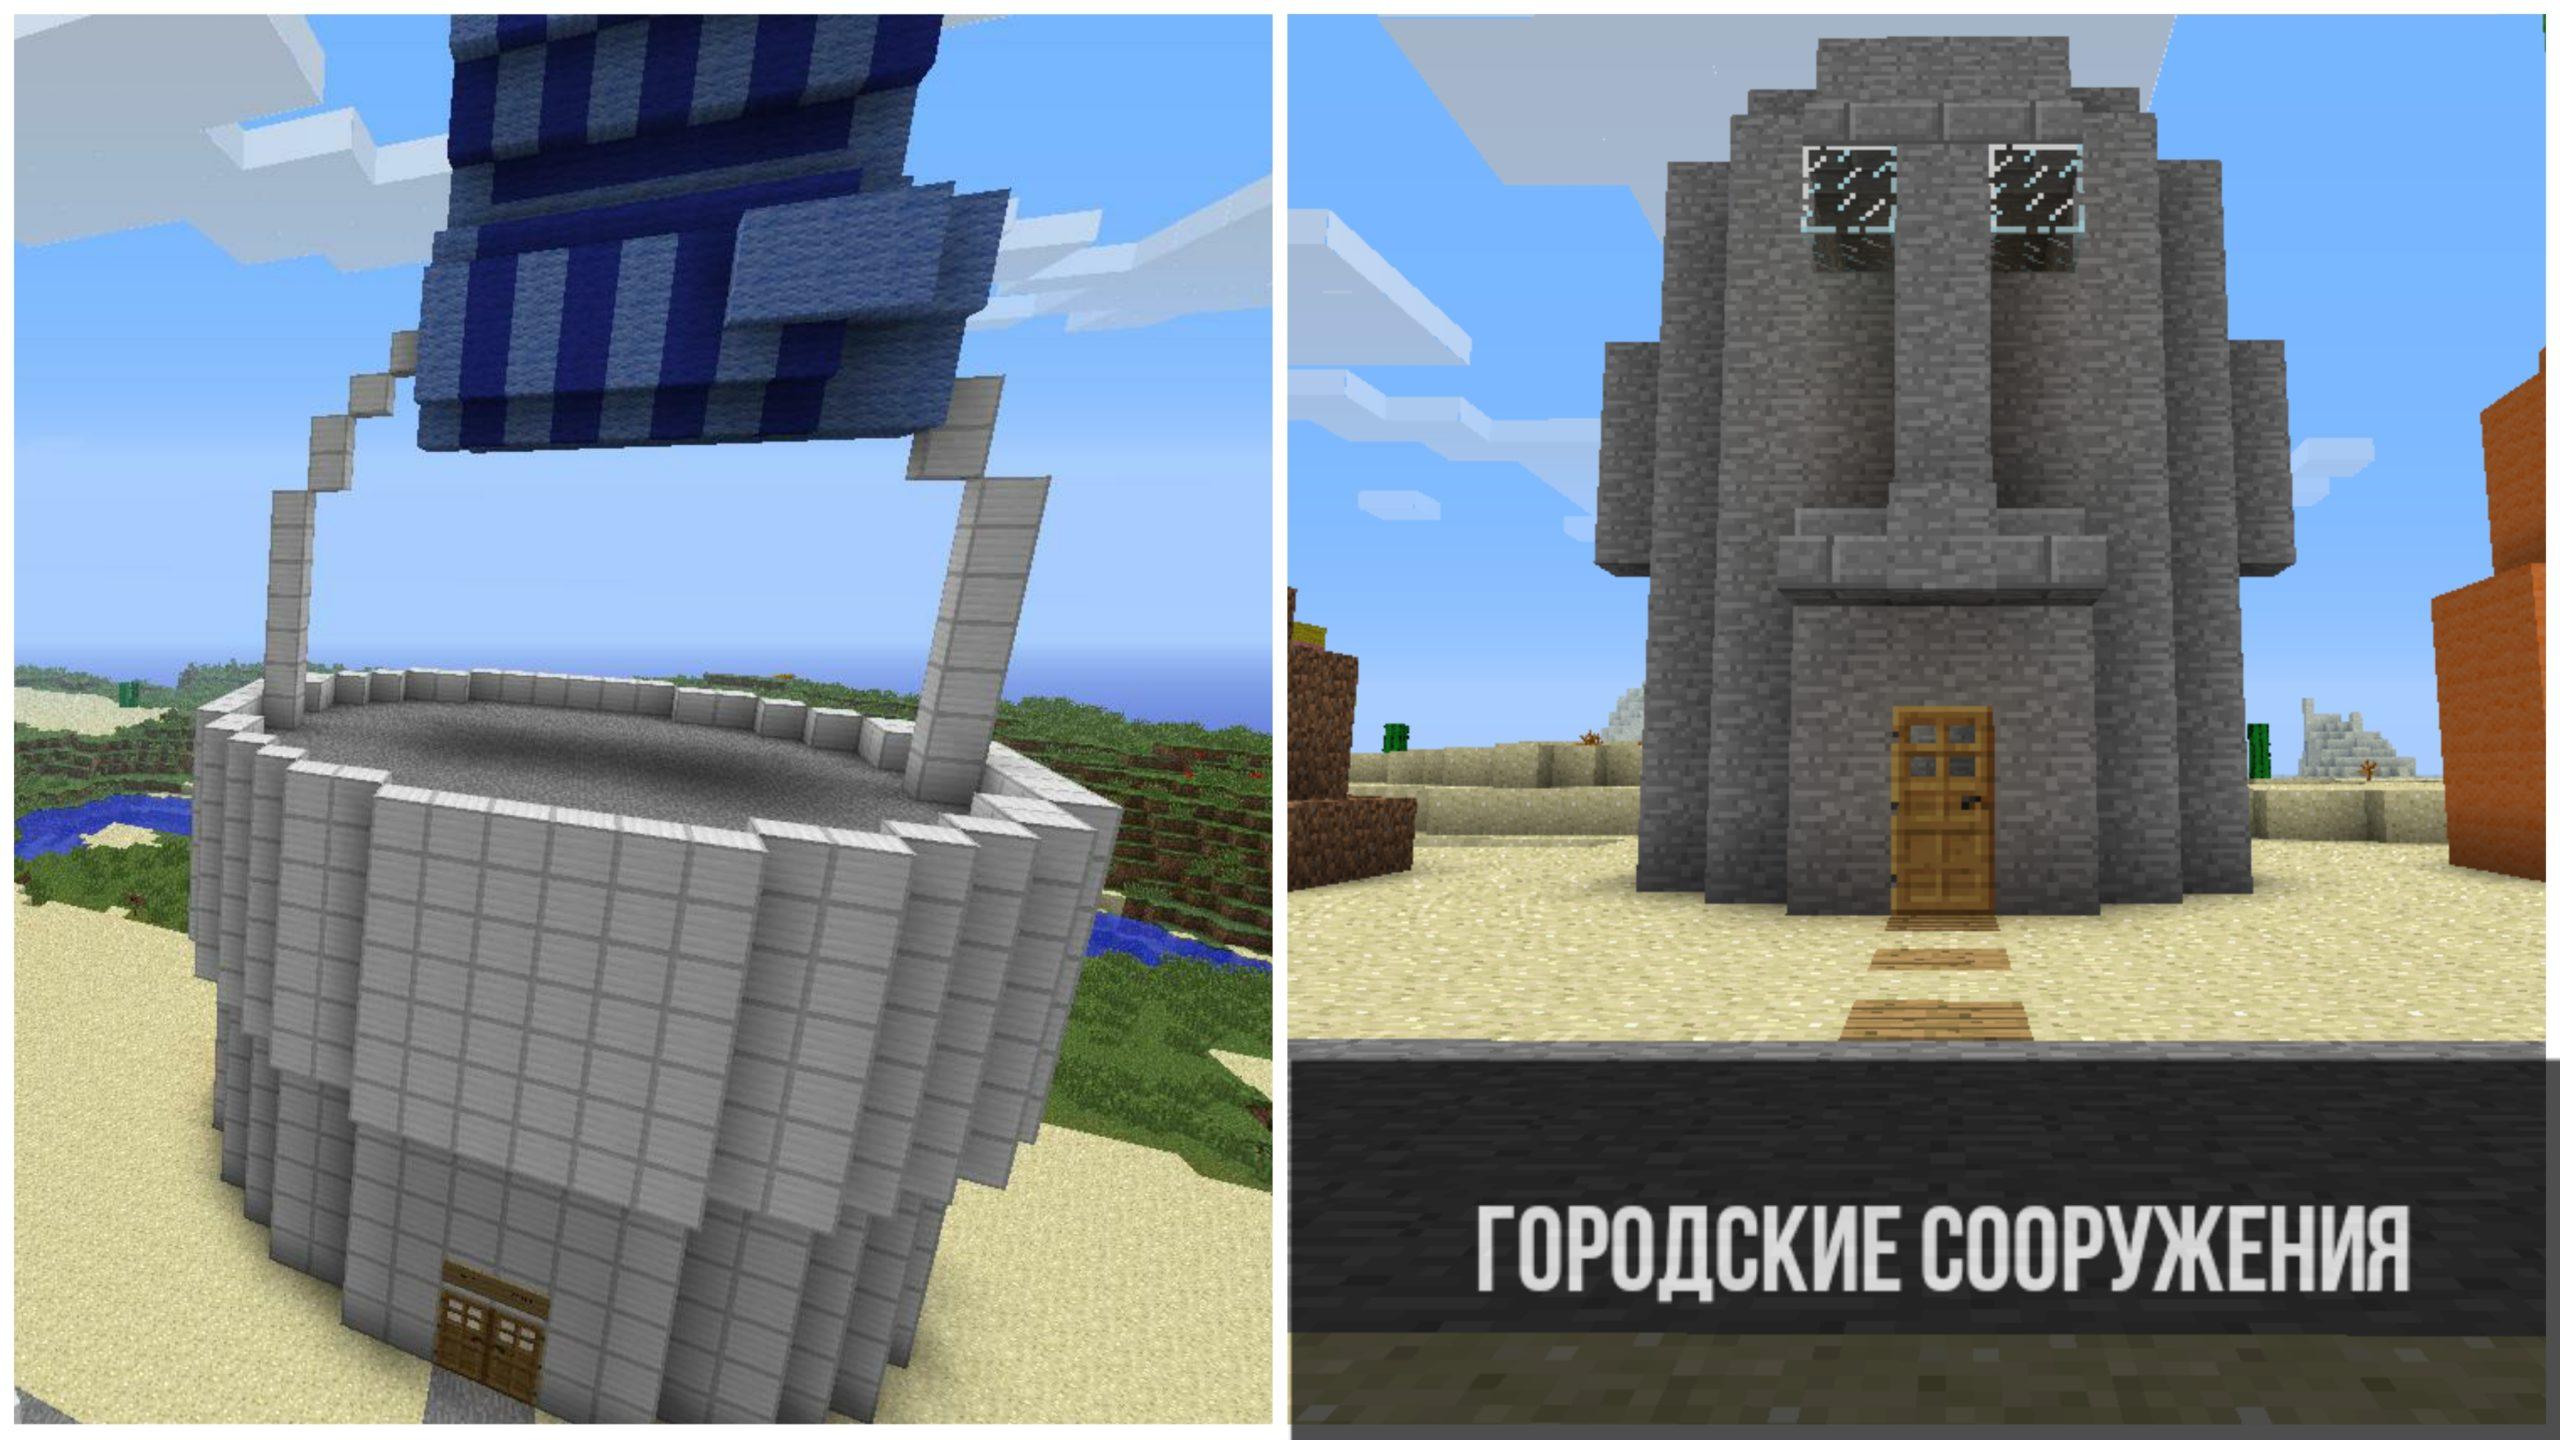 Городские сооружения в Minecraft PE